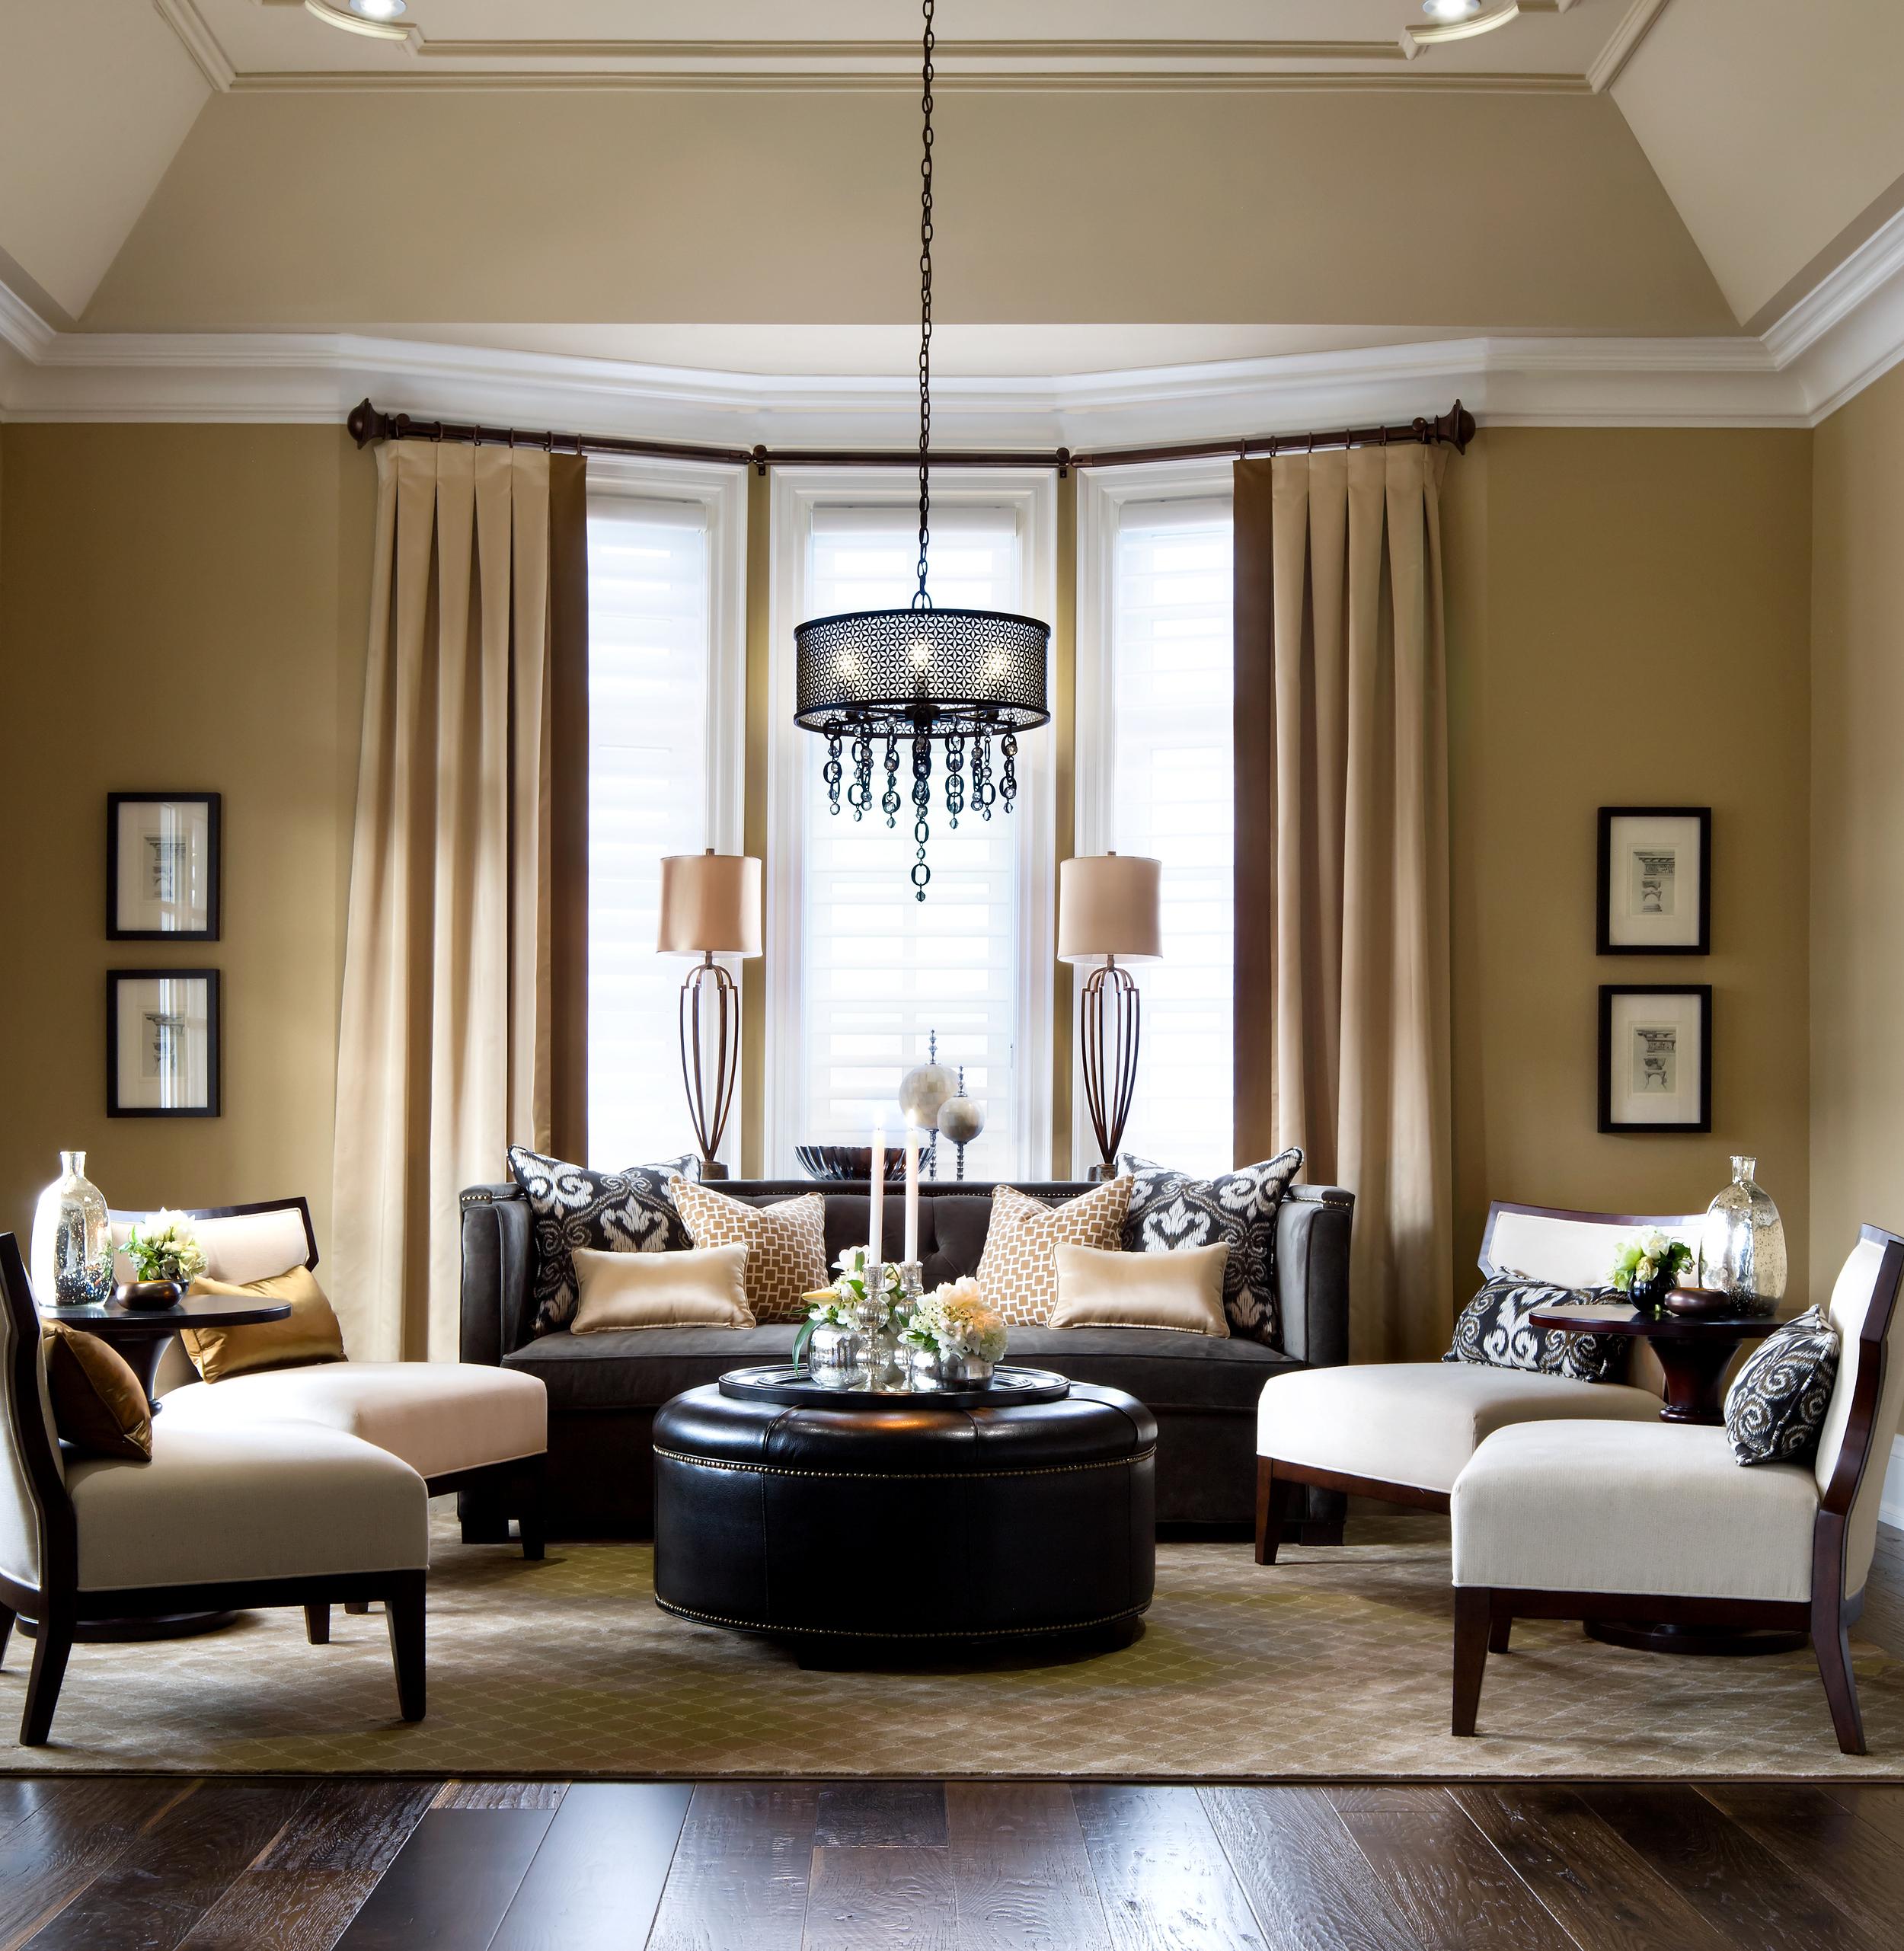 Kylemore Living Room designed by Jane Lockhart